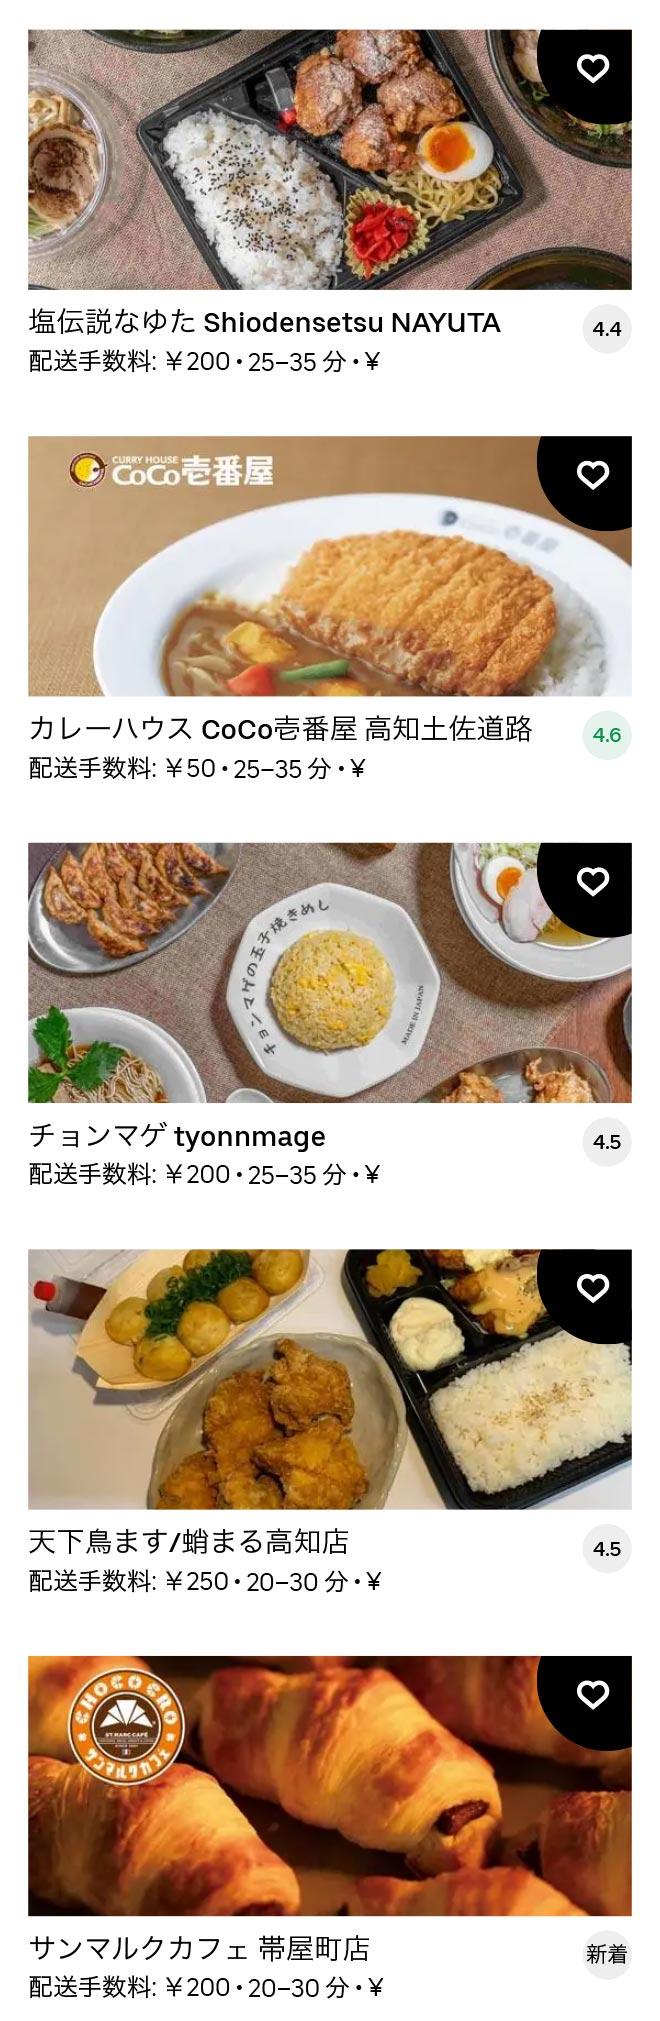 U kouchi asahi 2103 03